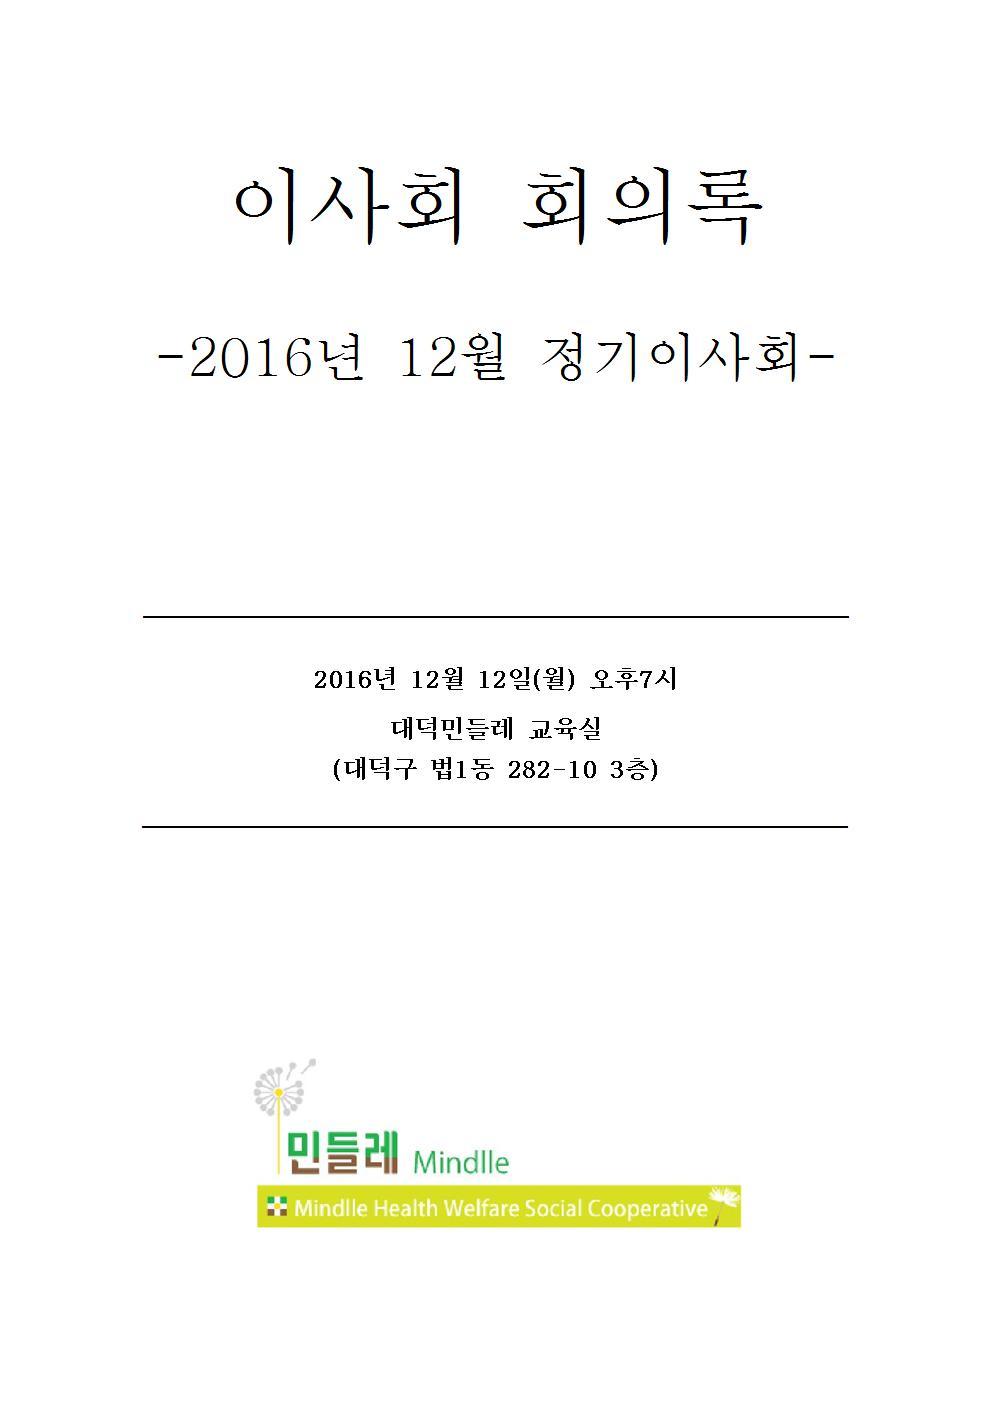 12월 정기이사회001.jpg